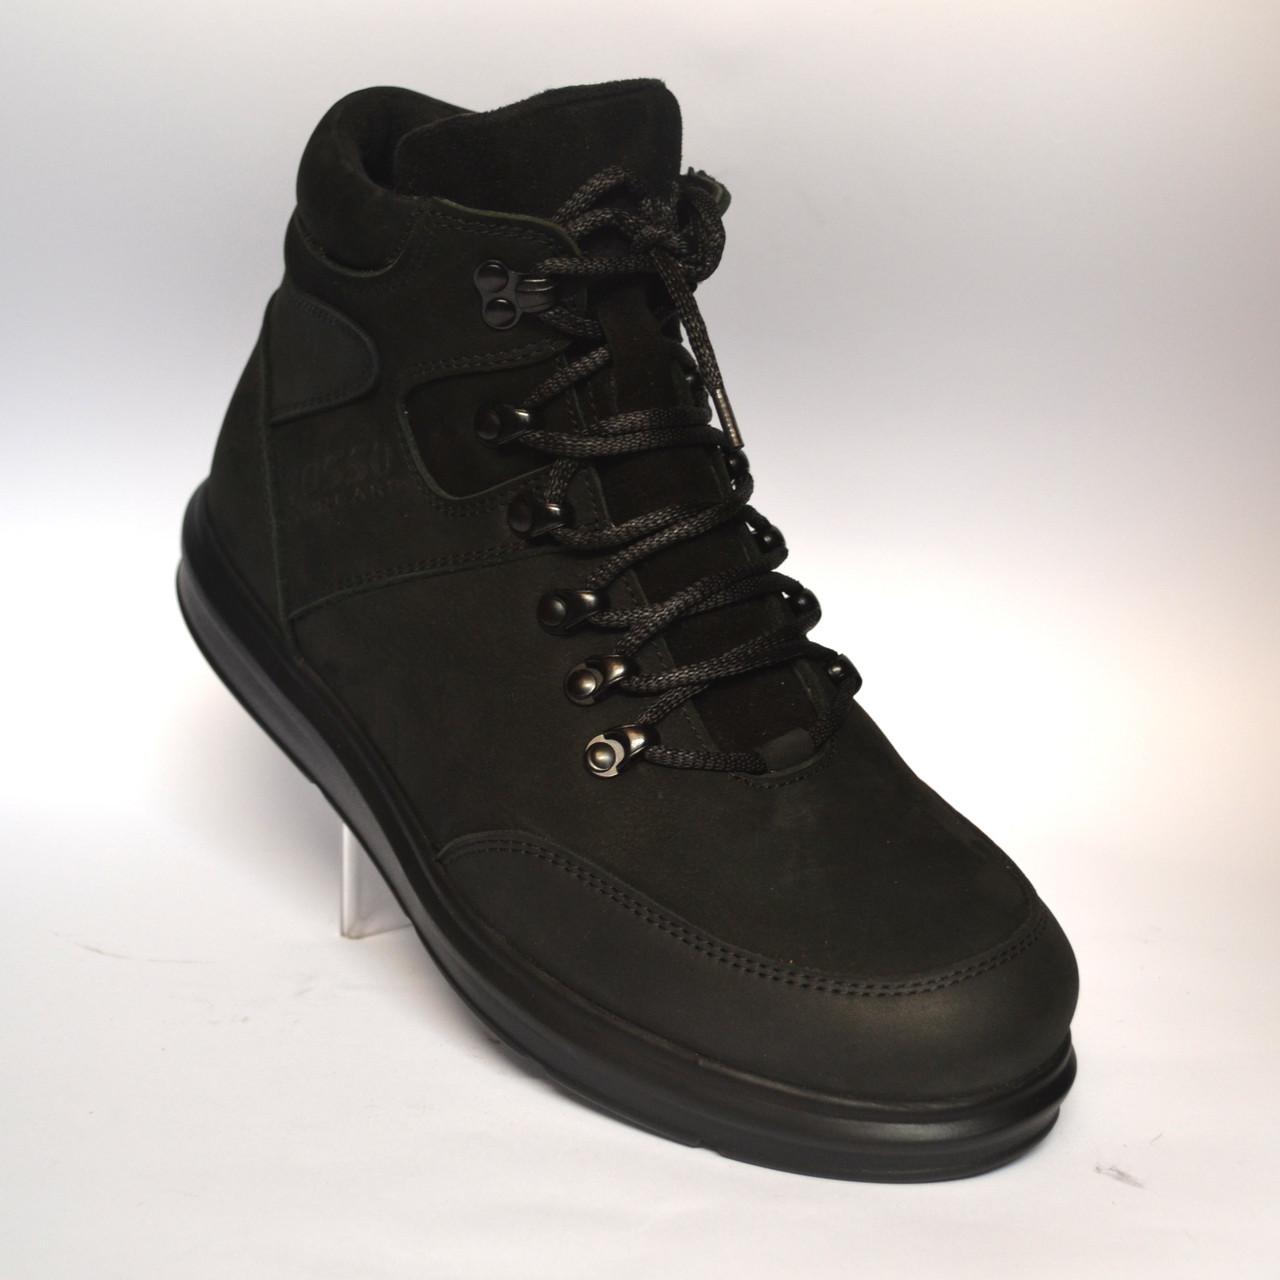 Зимние мужские ботинки кожа натуральные нубук Rosso Avangard Lomerback Original Nub